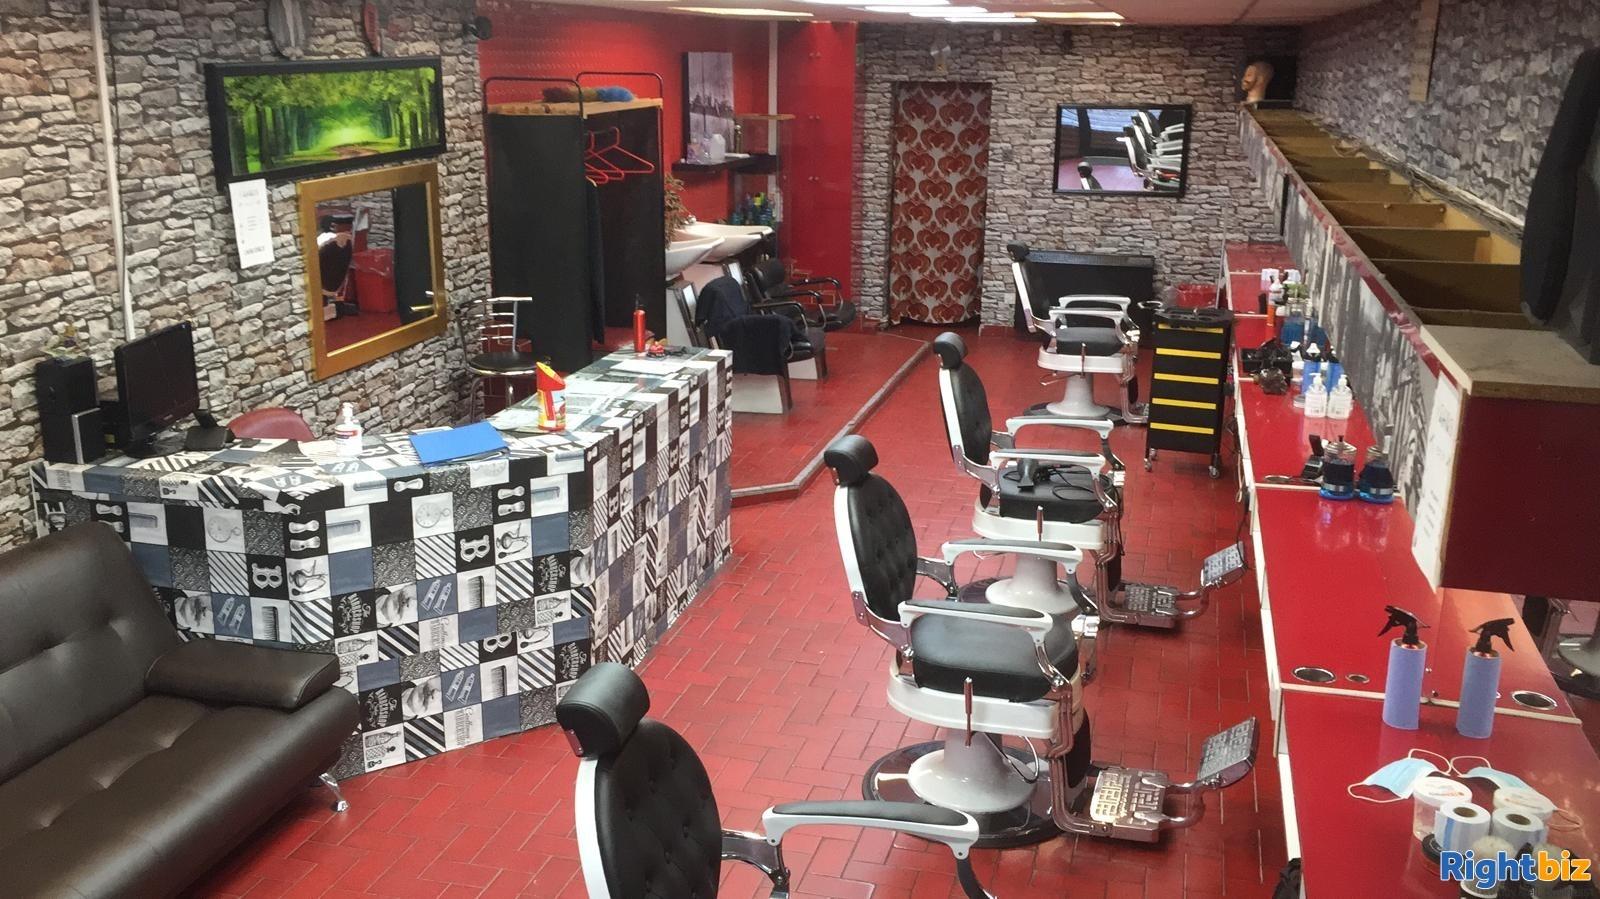 Well Established Barber Shop Business For Sale in Birmingham - Image 1